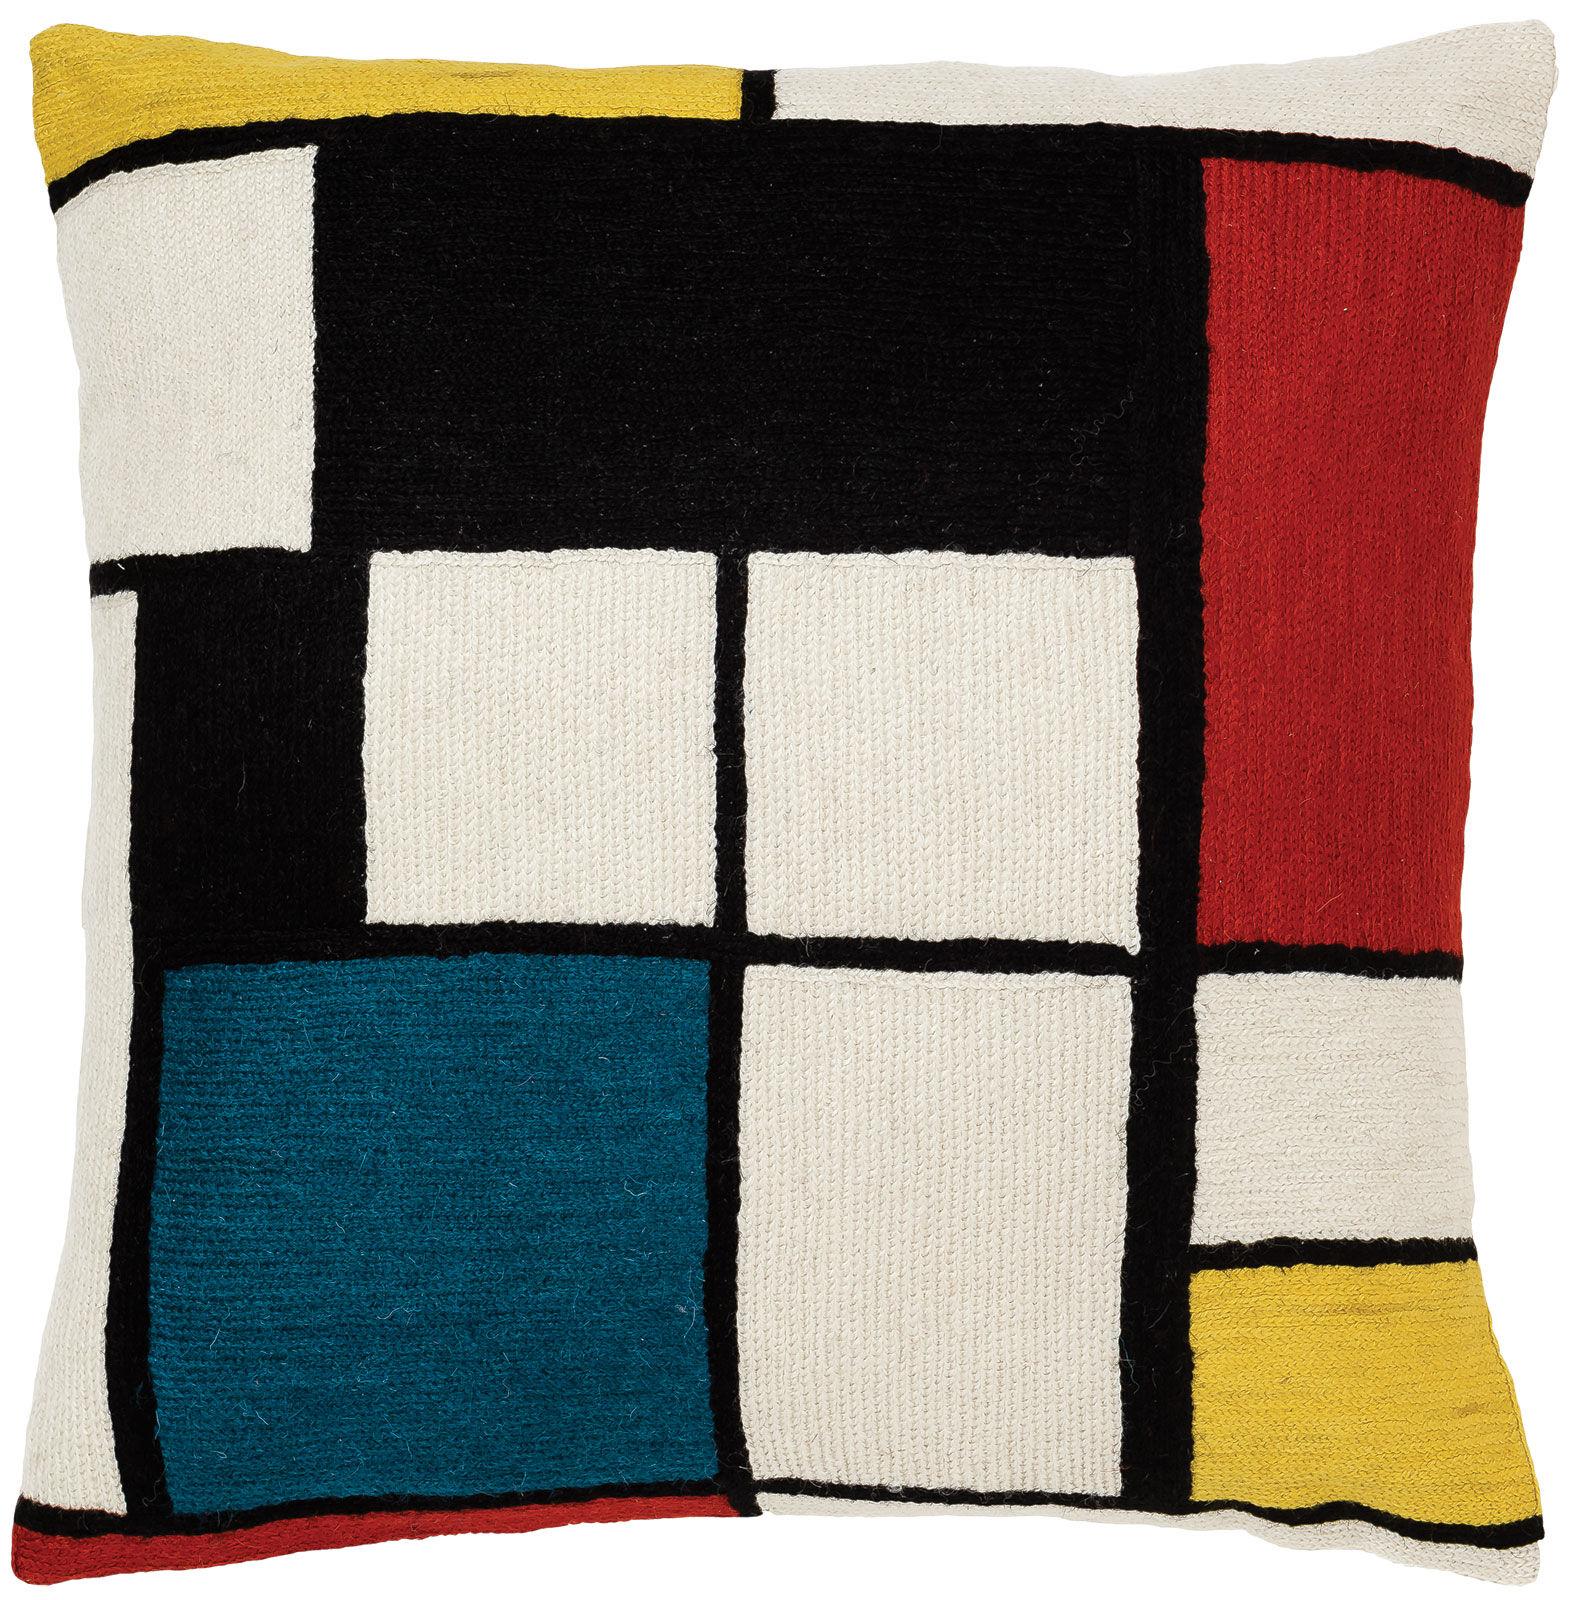 piet mondrian kissenbezug komposition in rot blau und gelb 1930 ars mundi. Black Bedroom Furniture Sets. Home Design Ideas